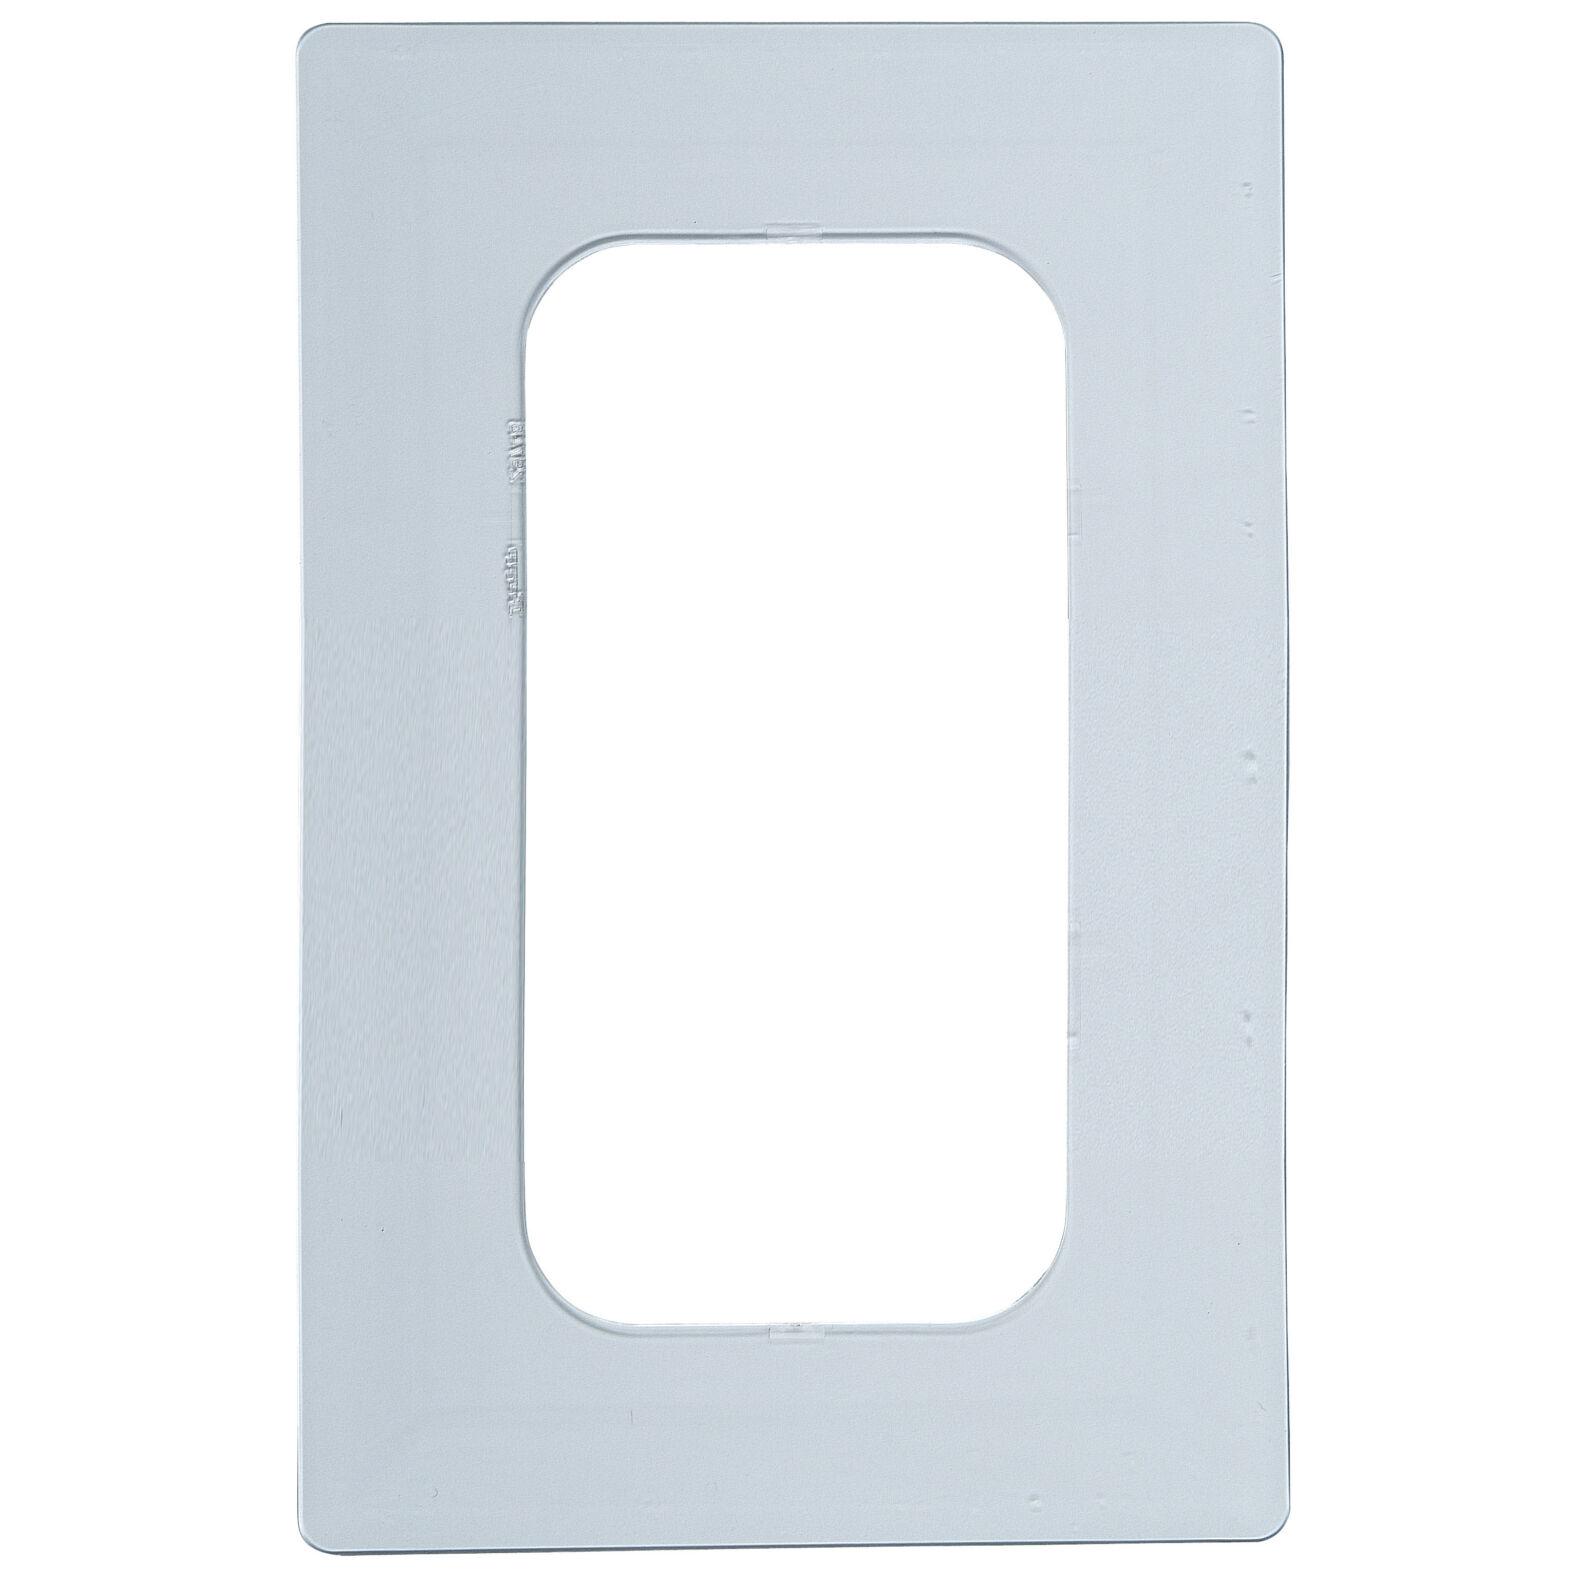 3x dekor-rahmen tapetenschutz 2-fach transparent | ebay